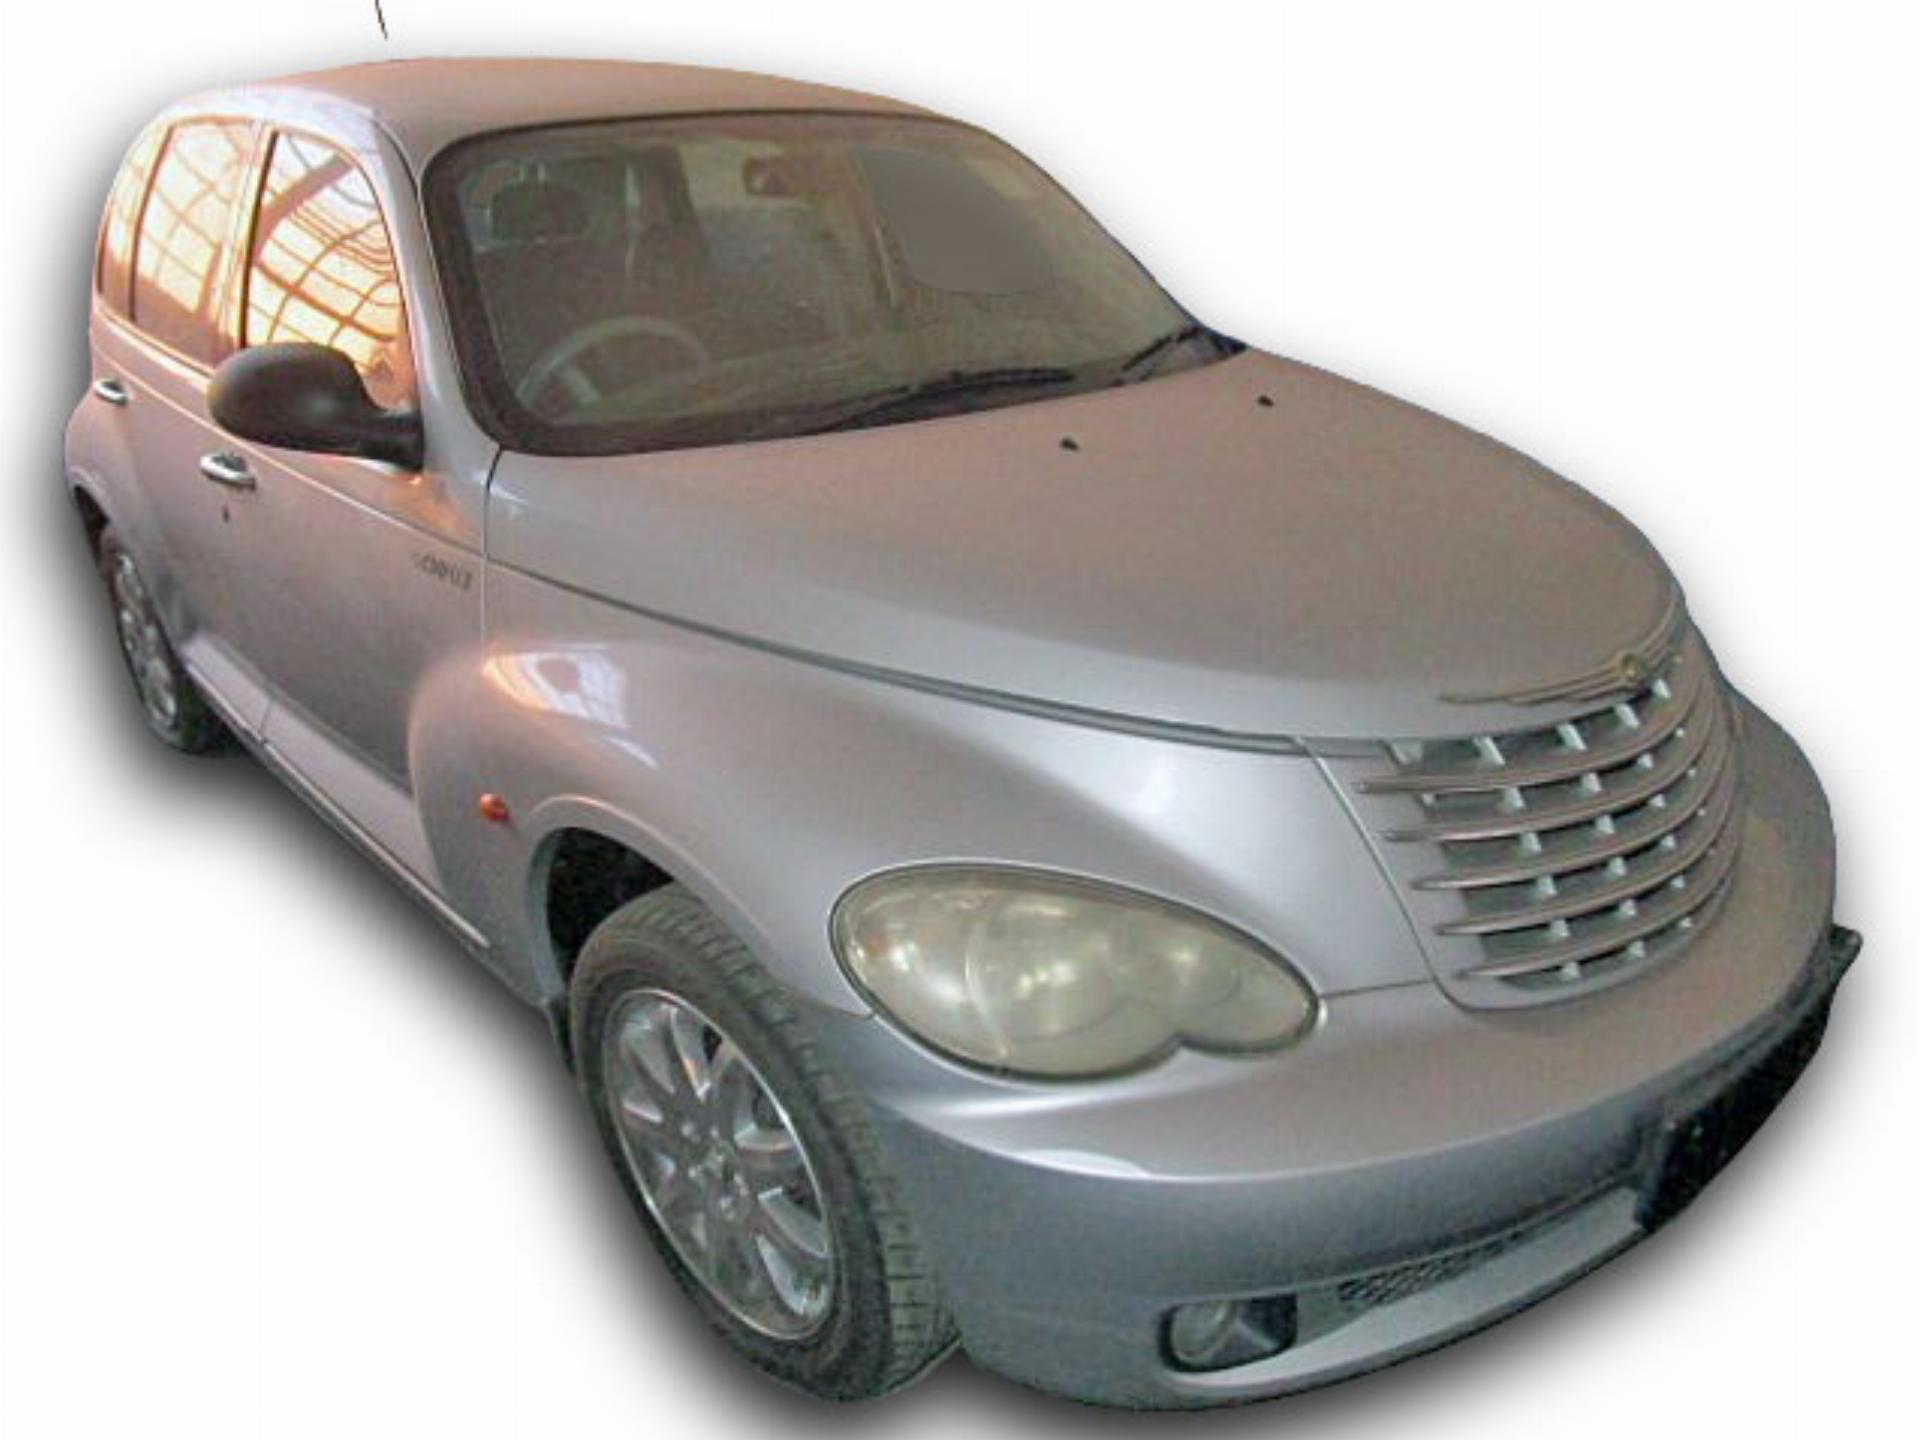 Chrysler PT Cruiser 2.4L